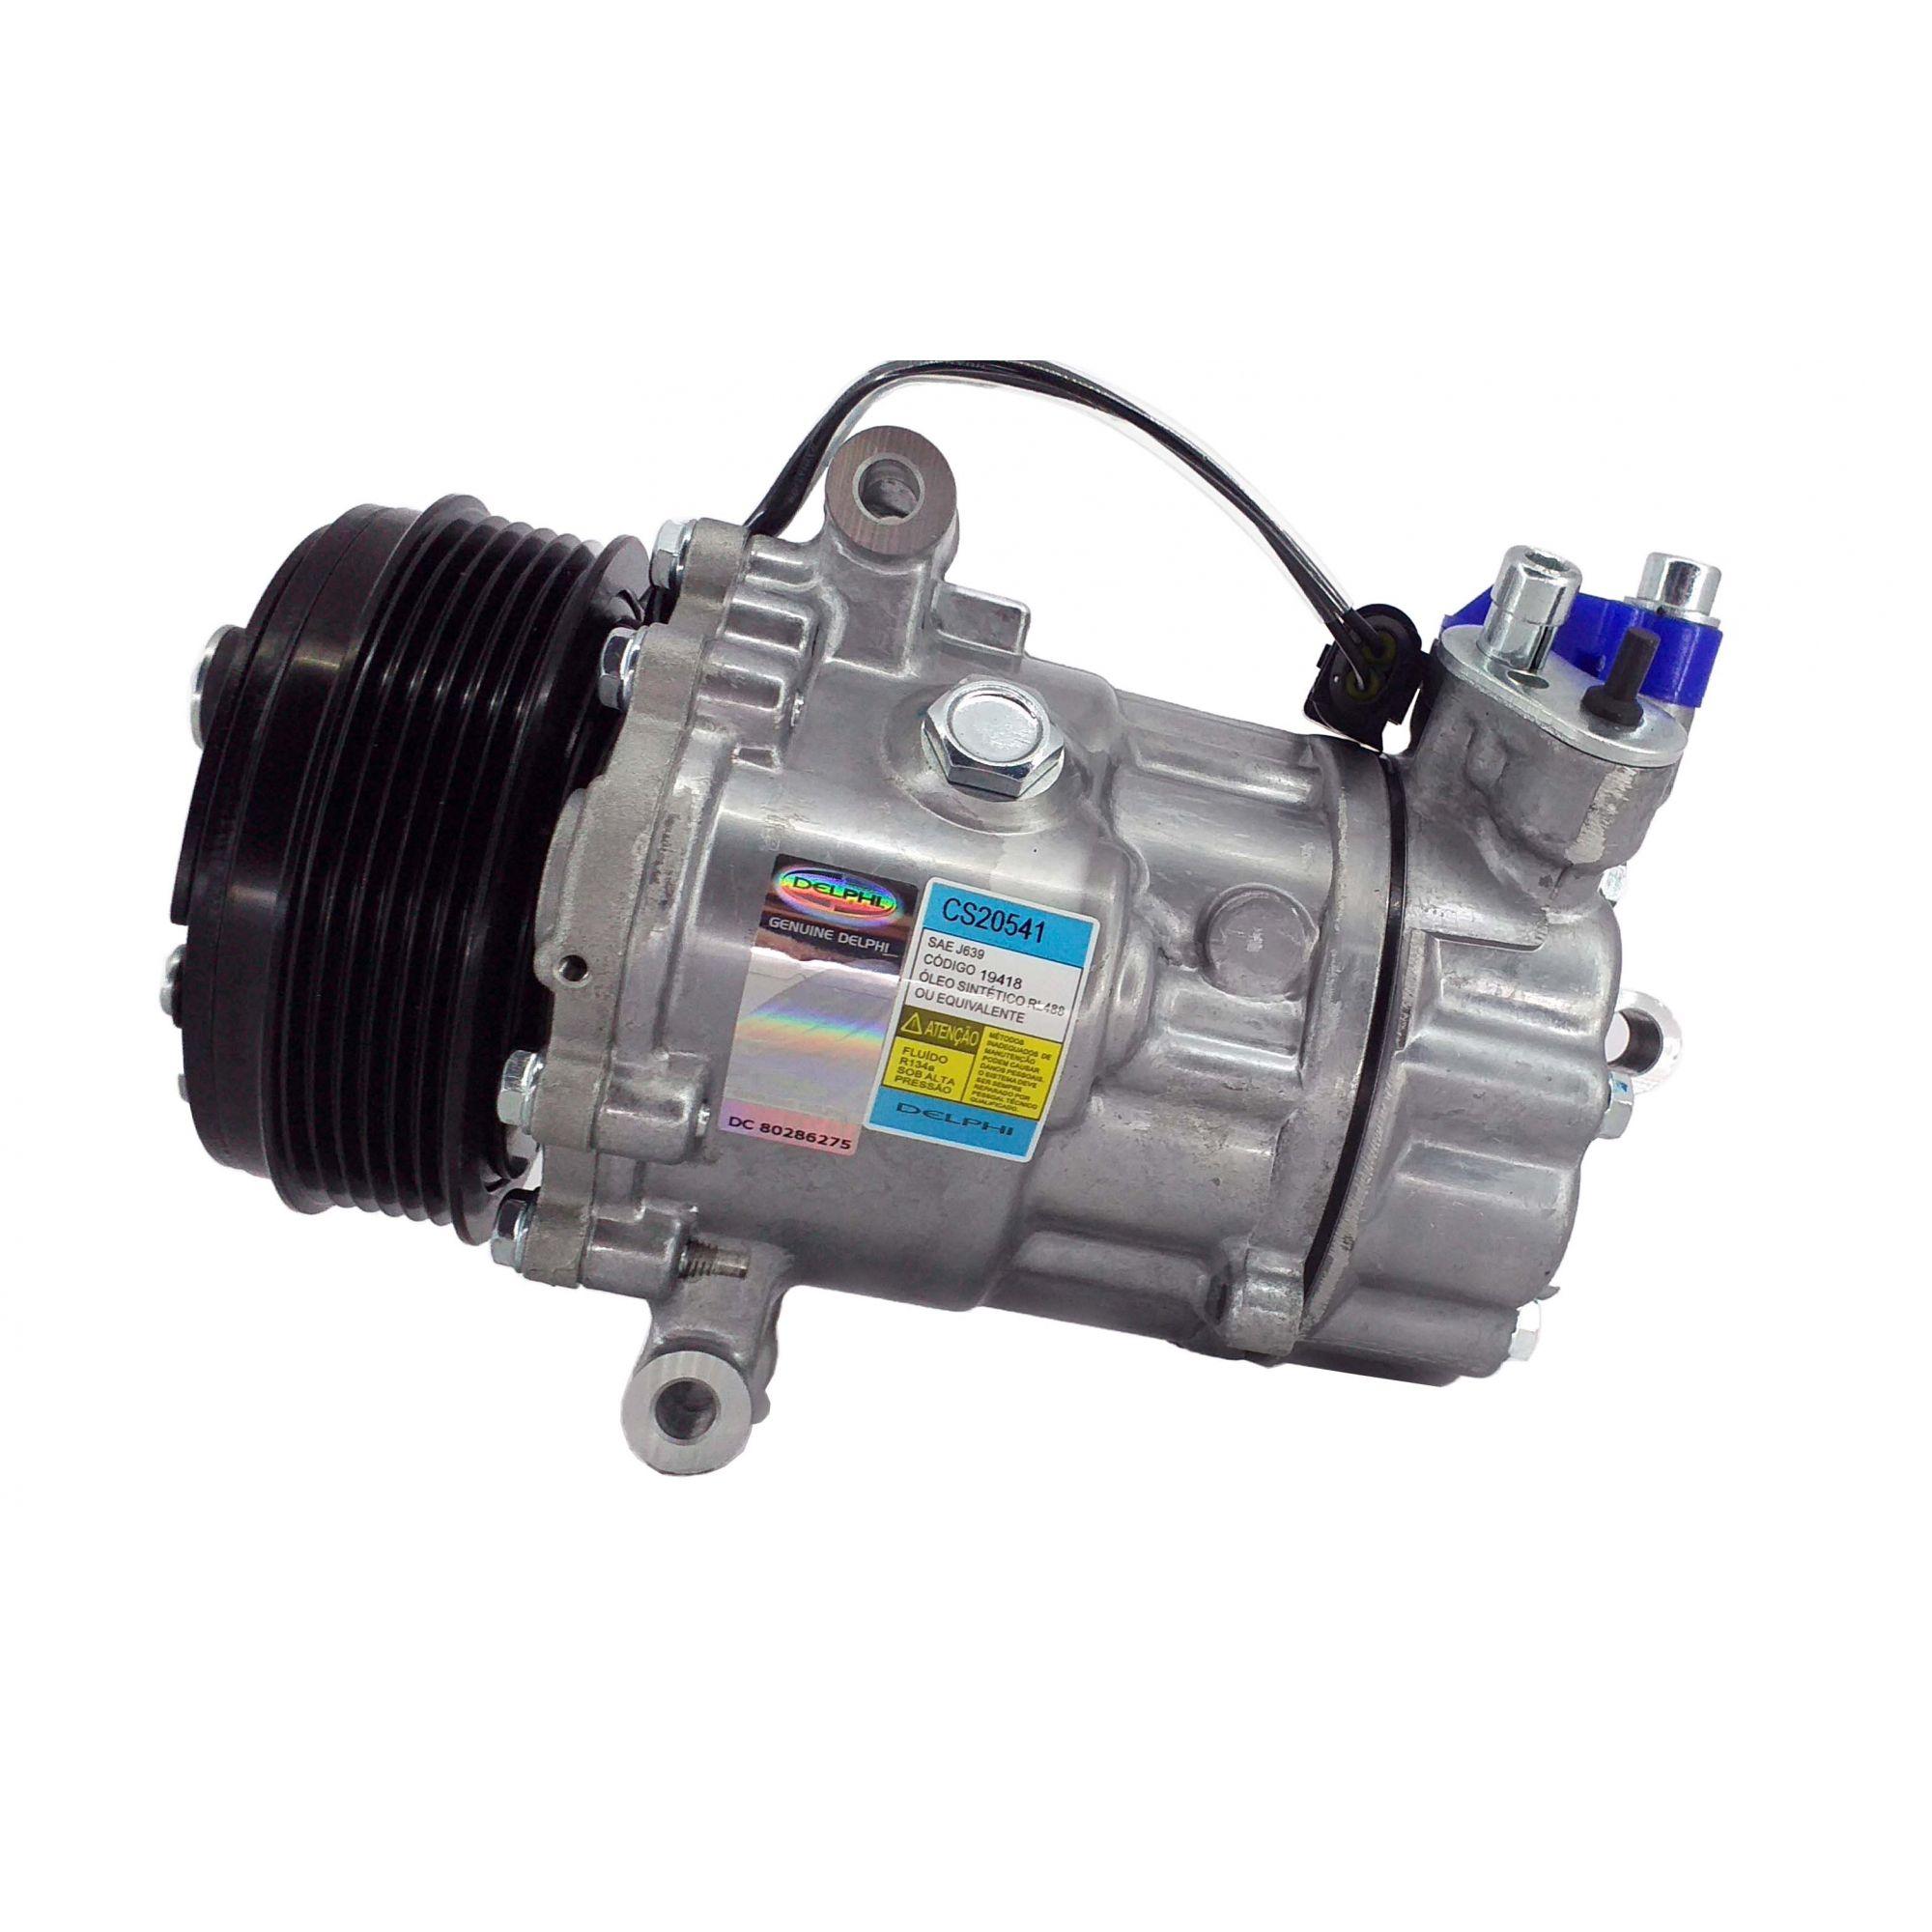 Compressor Gol / Fox / Saveiro Msi 1.6 16v - Original DELPHI